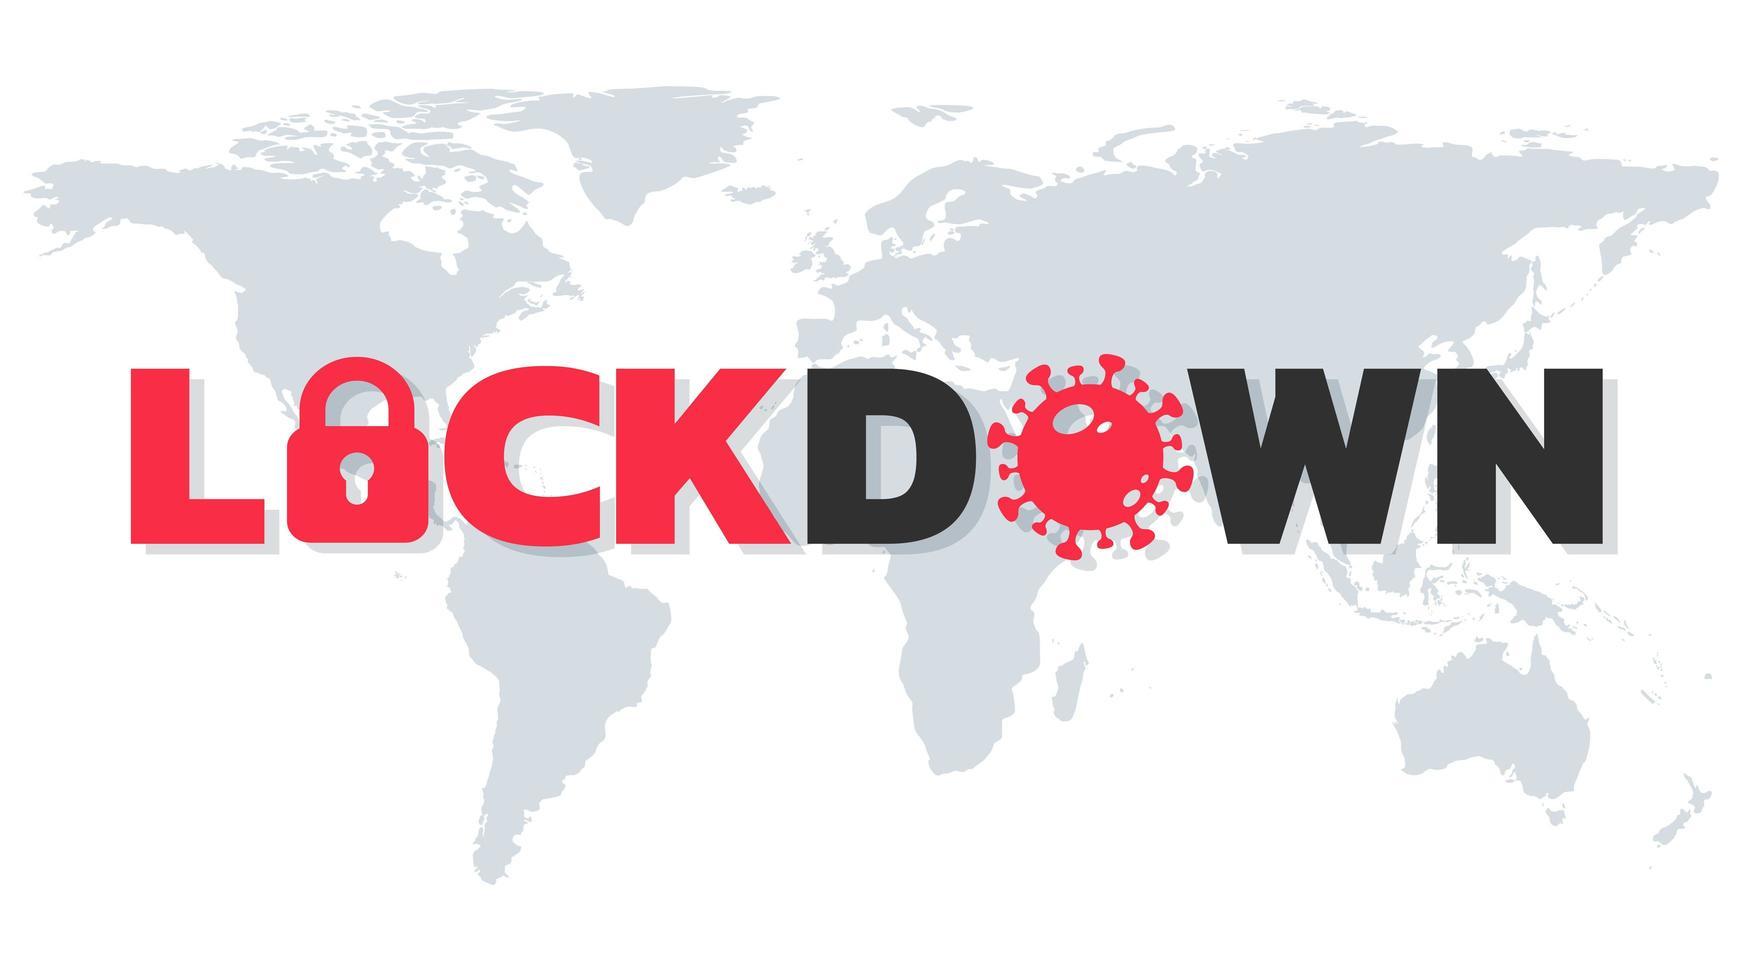 lockdown tekst op wereldkaart vector